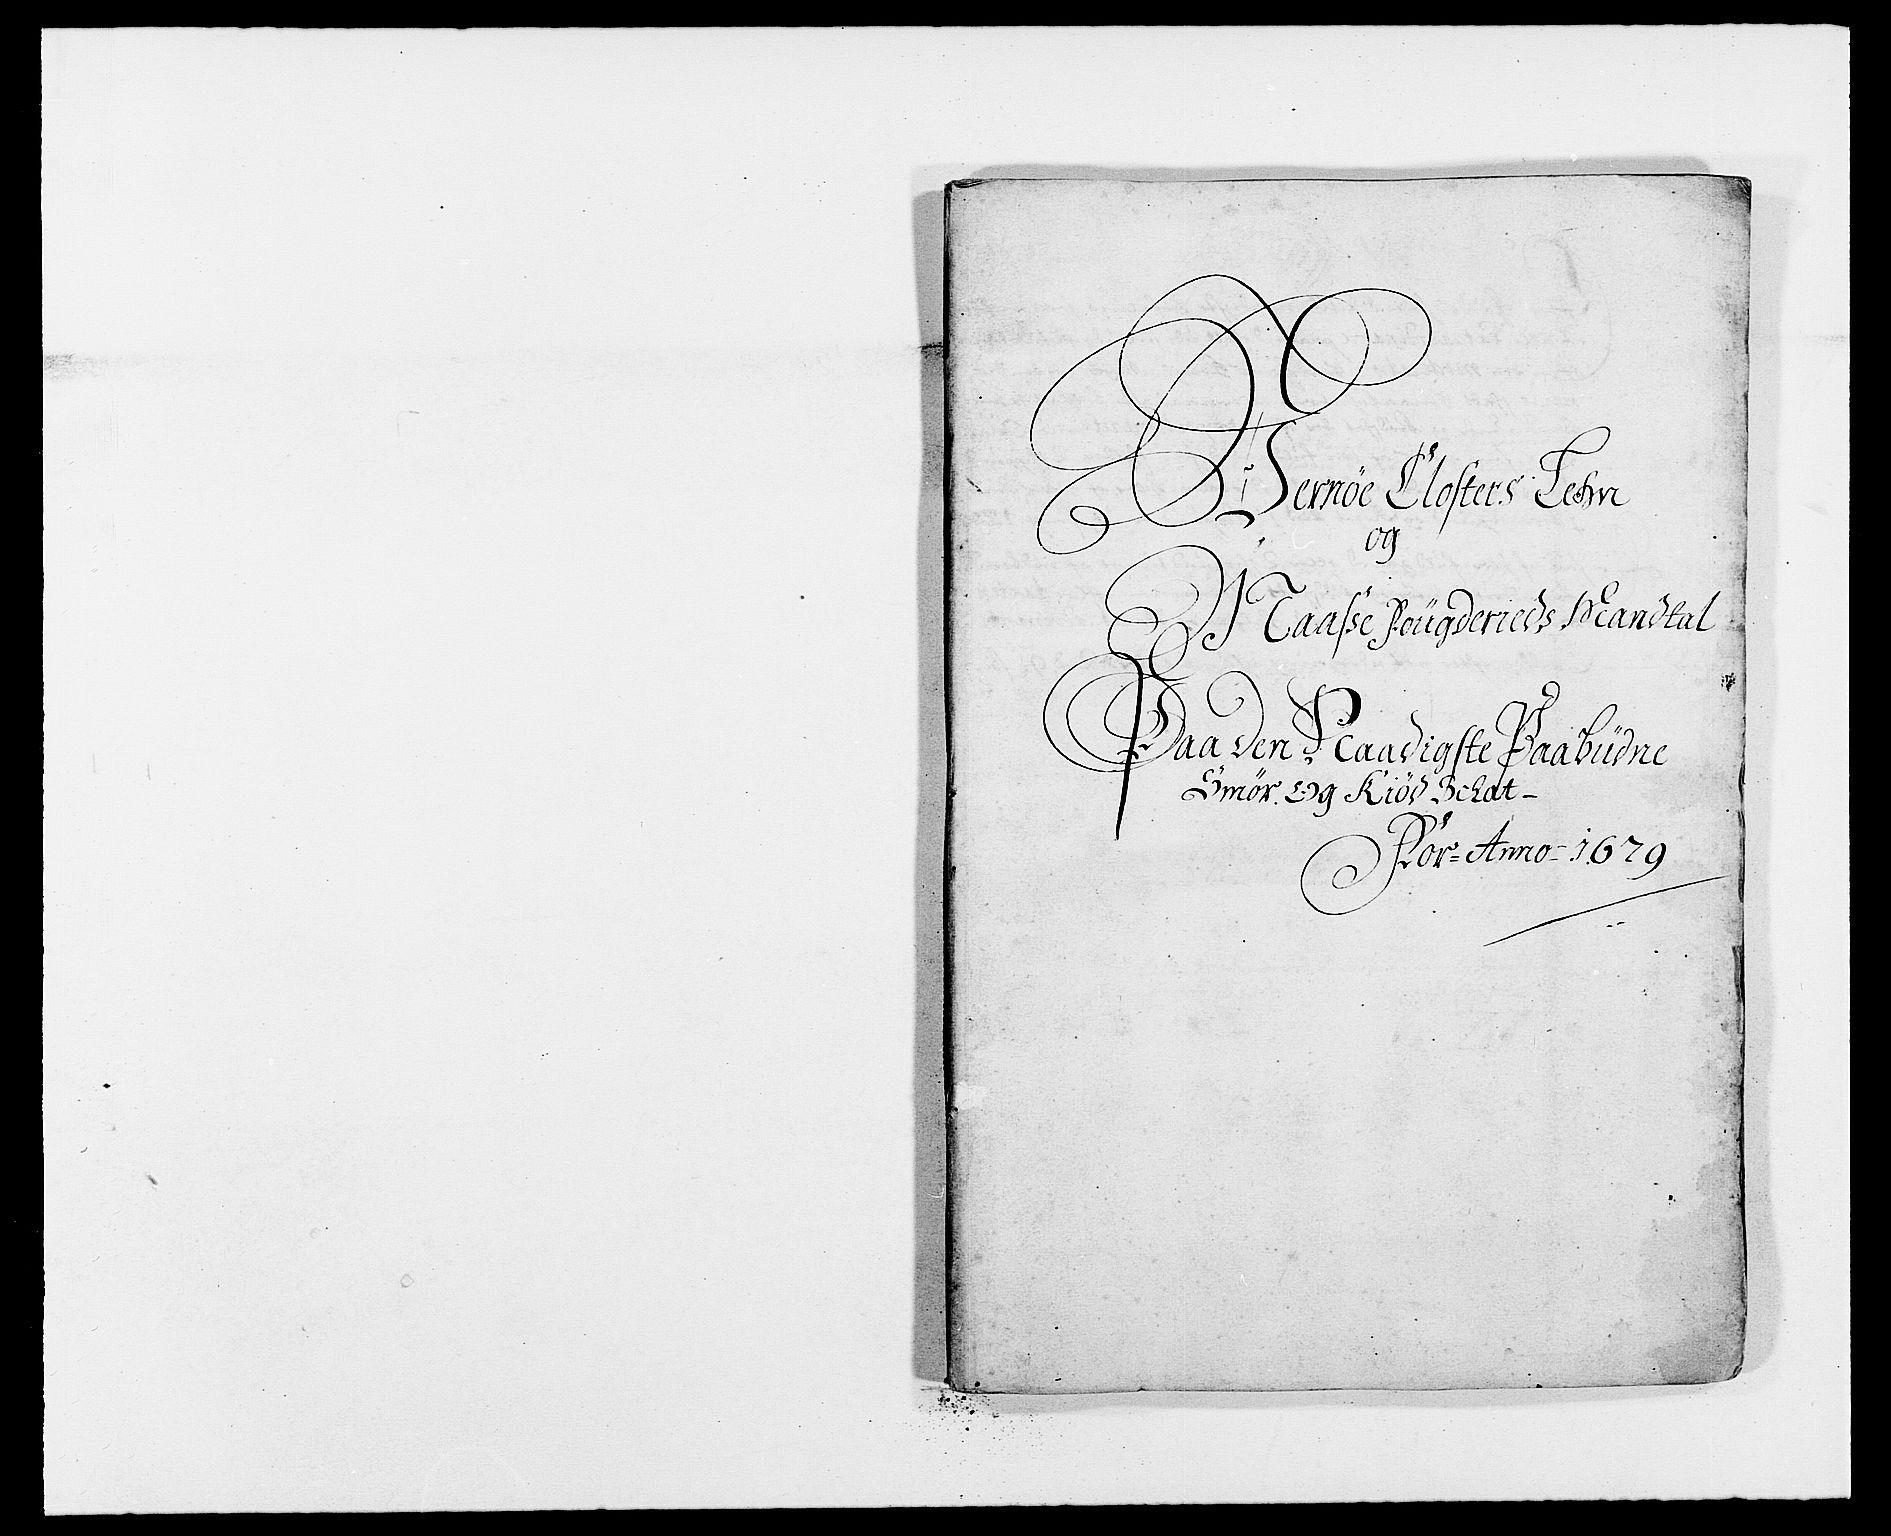 RA, Rentekammeret inntil 1814, Reviderte regnskaper, Fogderegnskap, R02/L0100: Fogderegnskap Moss og Verne kloster, 1679, s. 188